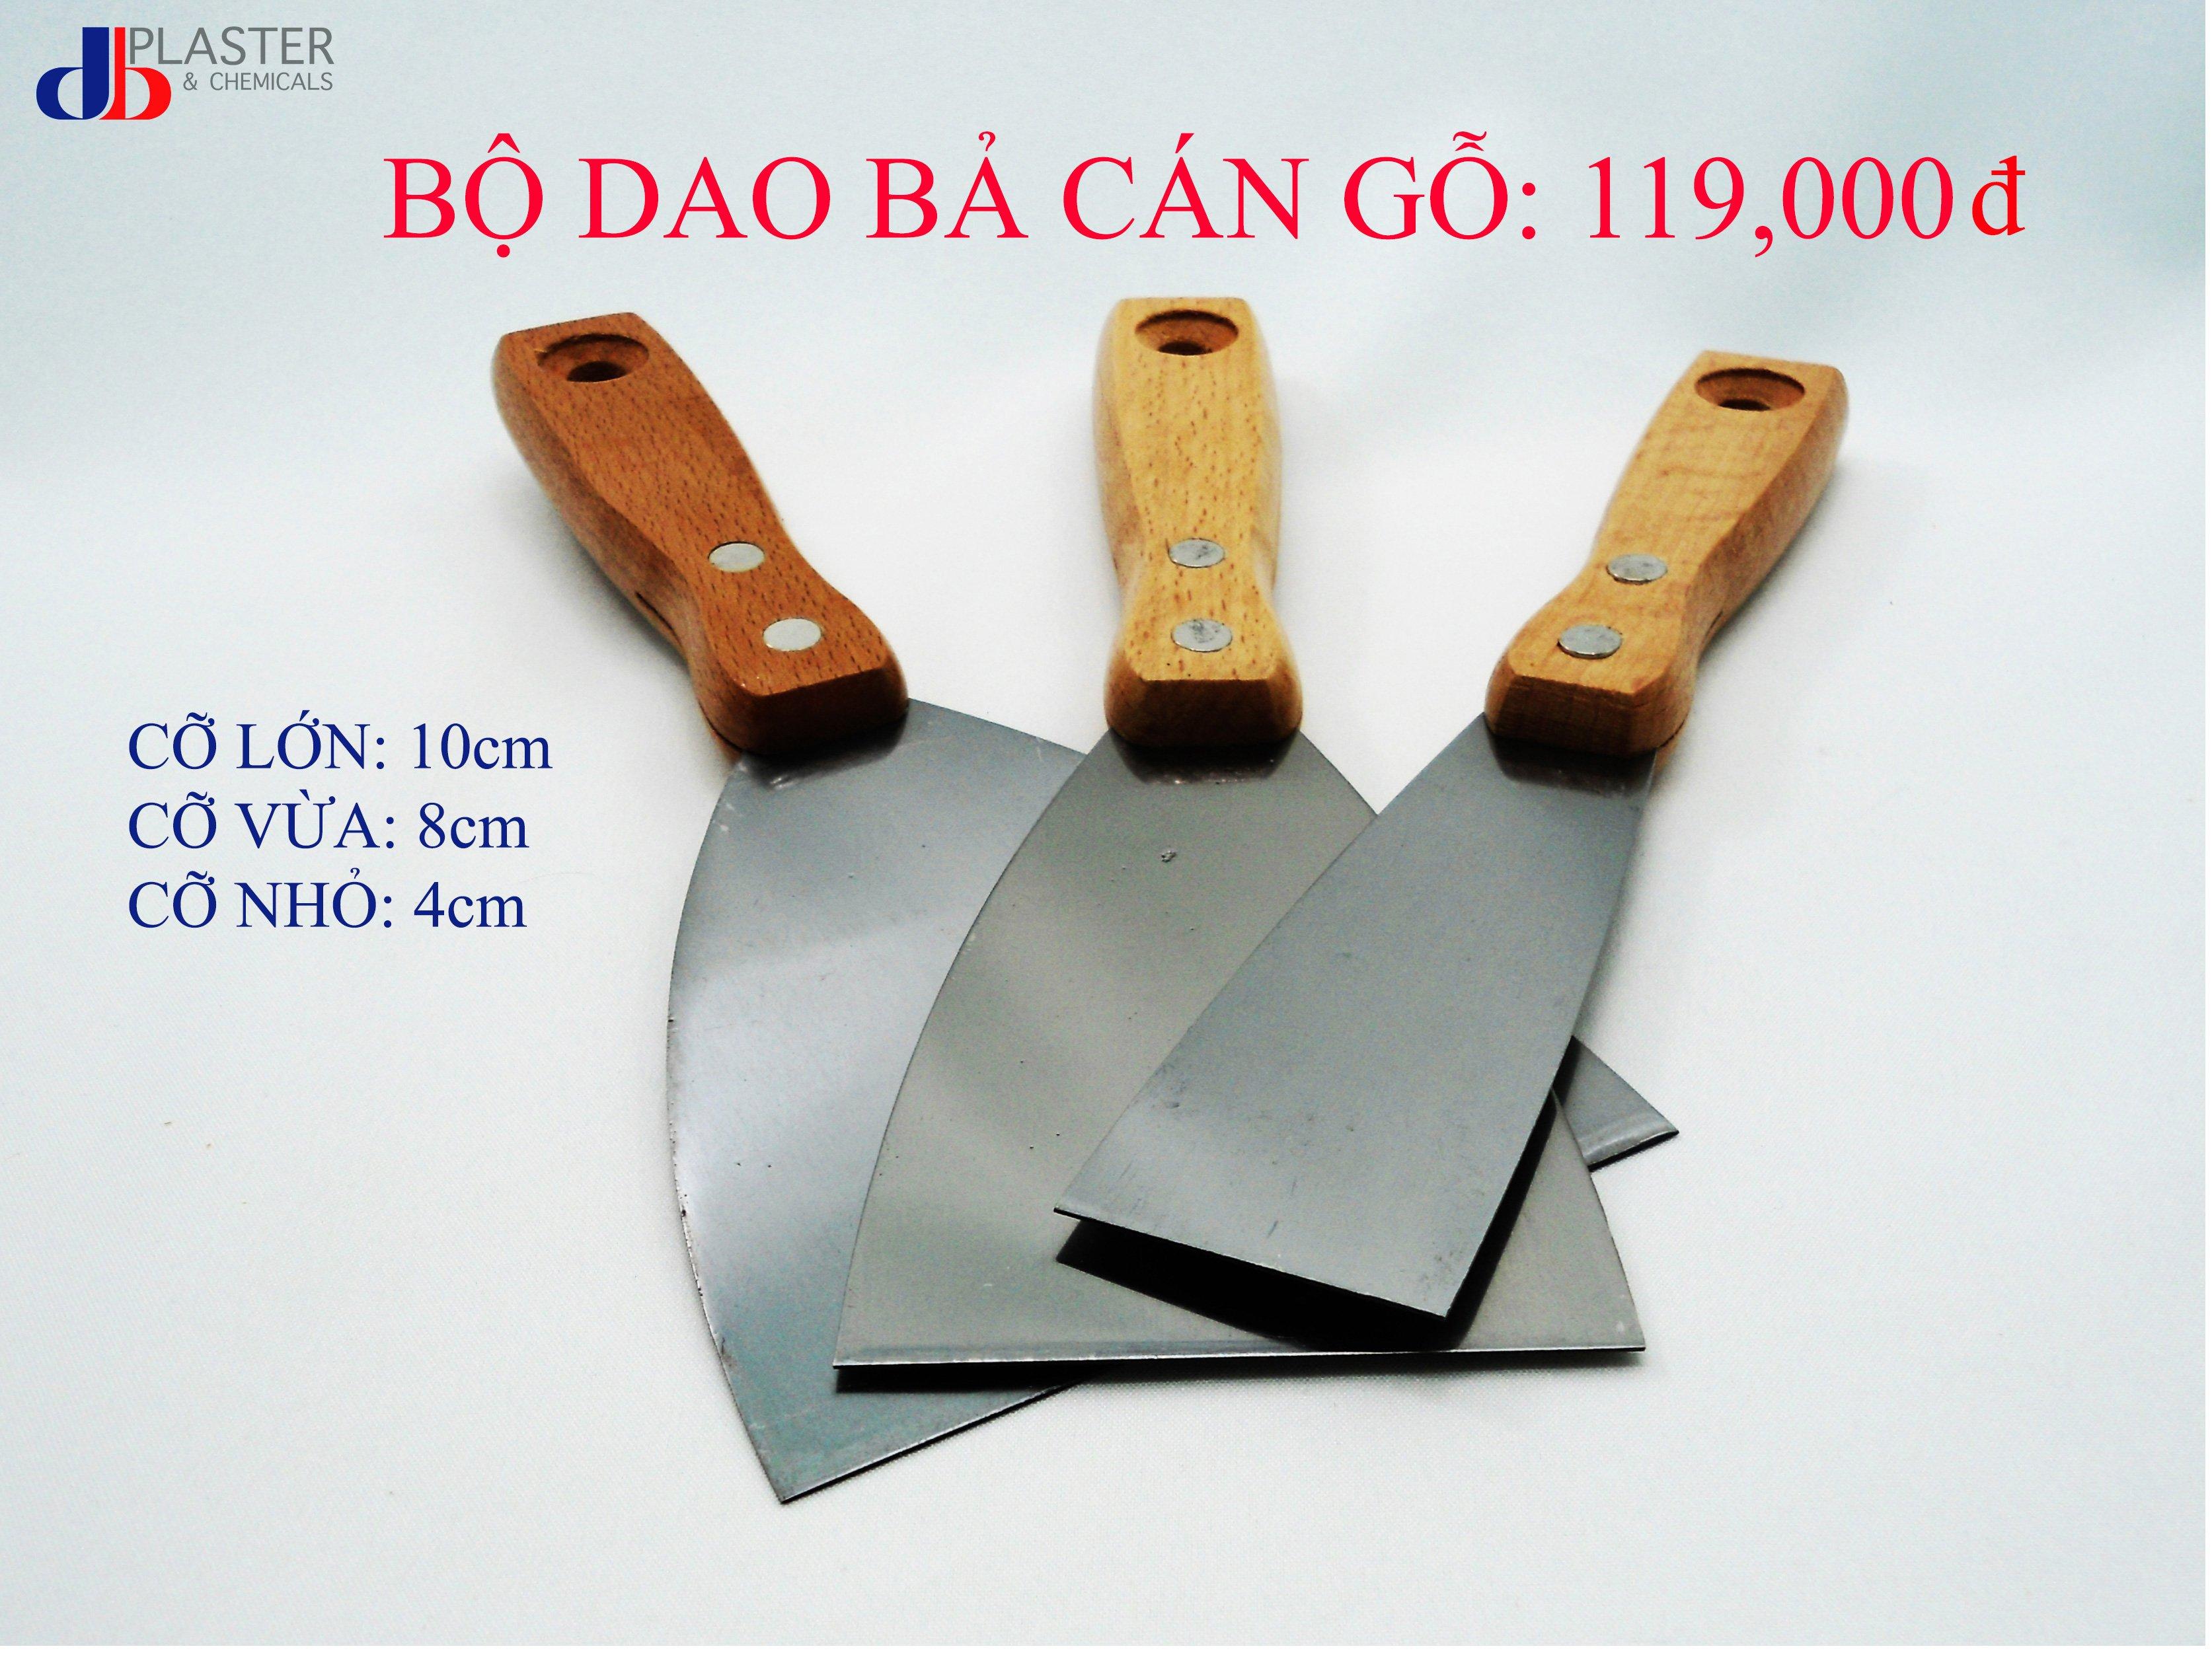 Bo-dao-ba-can-go